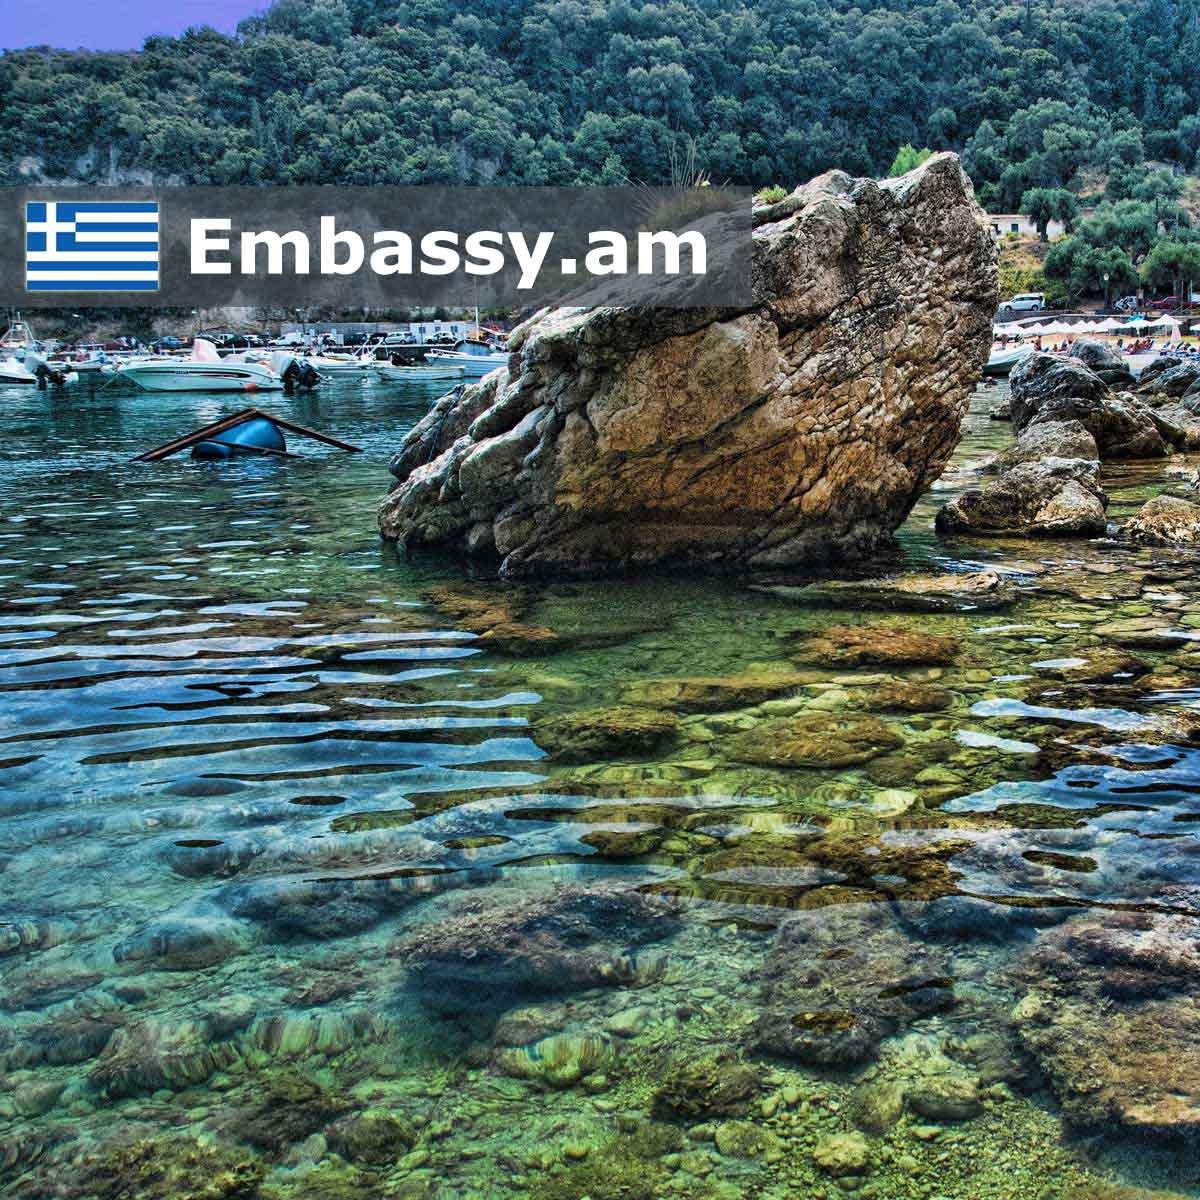 Կորֆու - Հյուրանոցներ Հունաստանում - Embassy.am